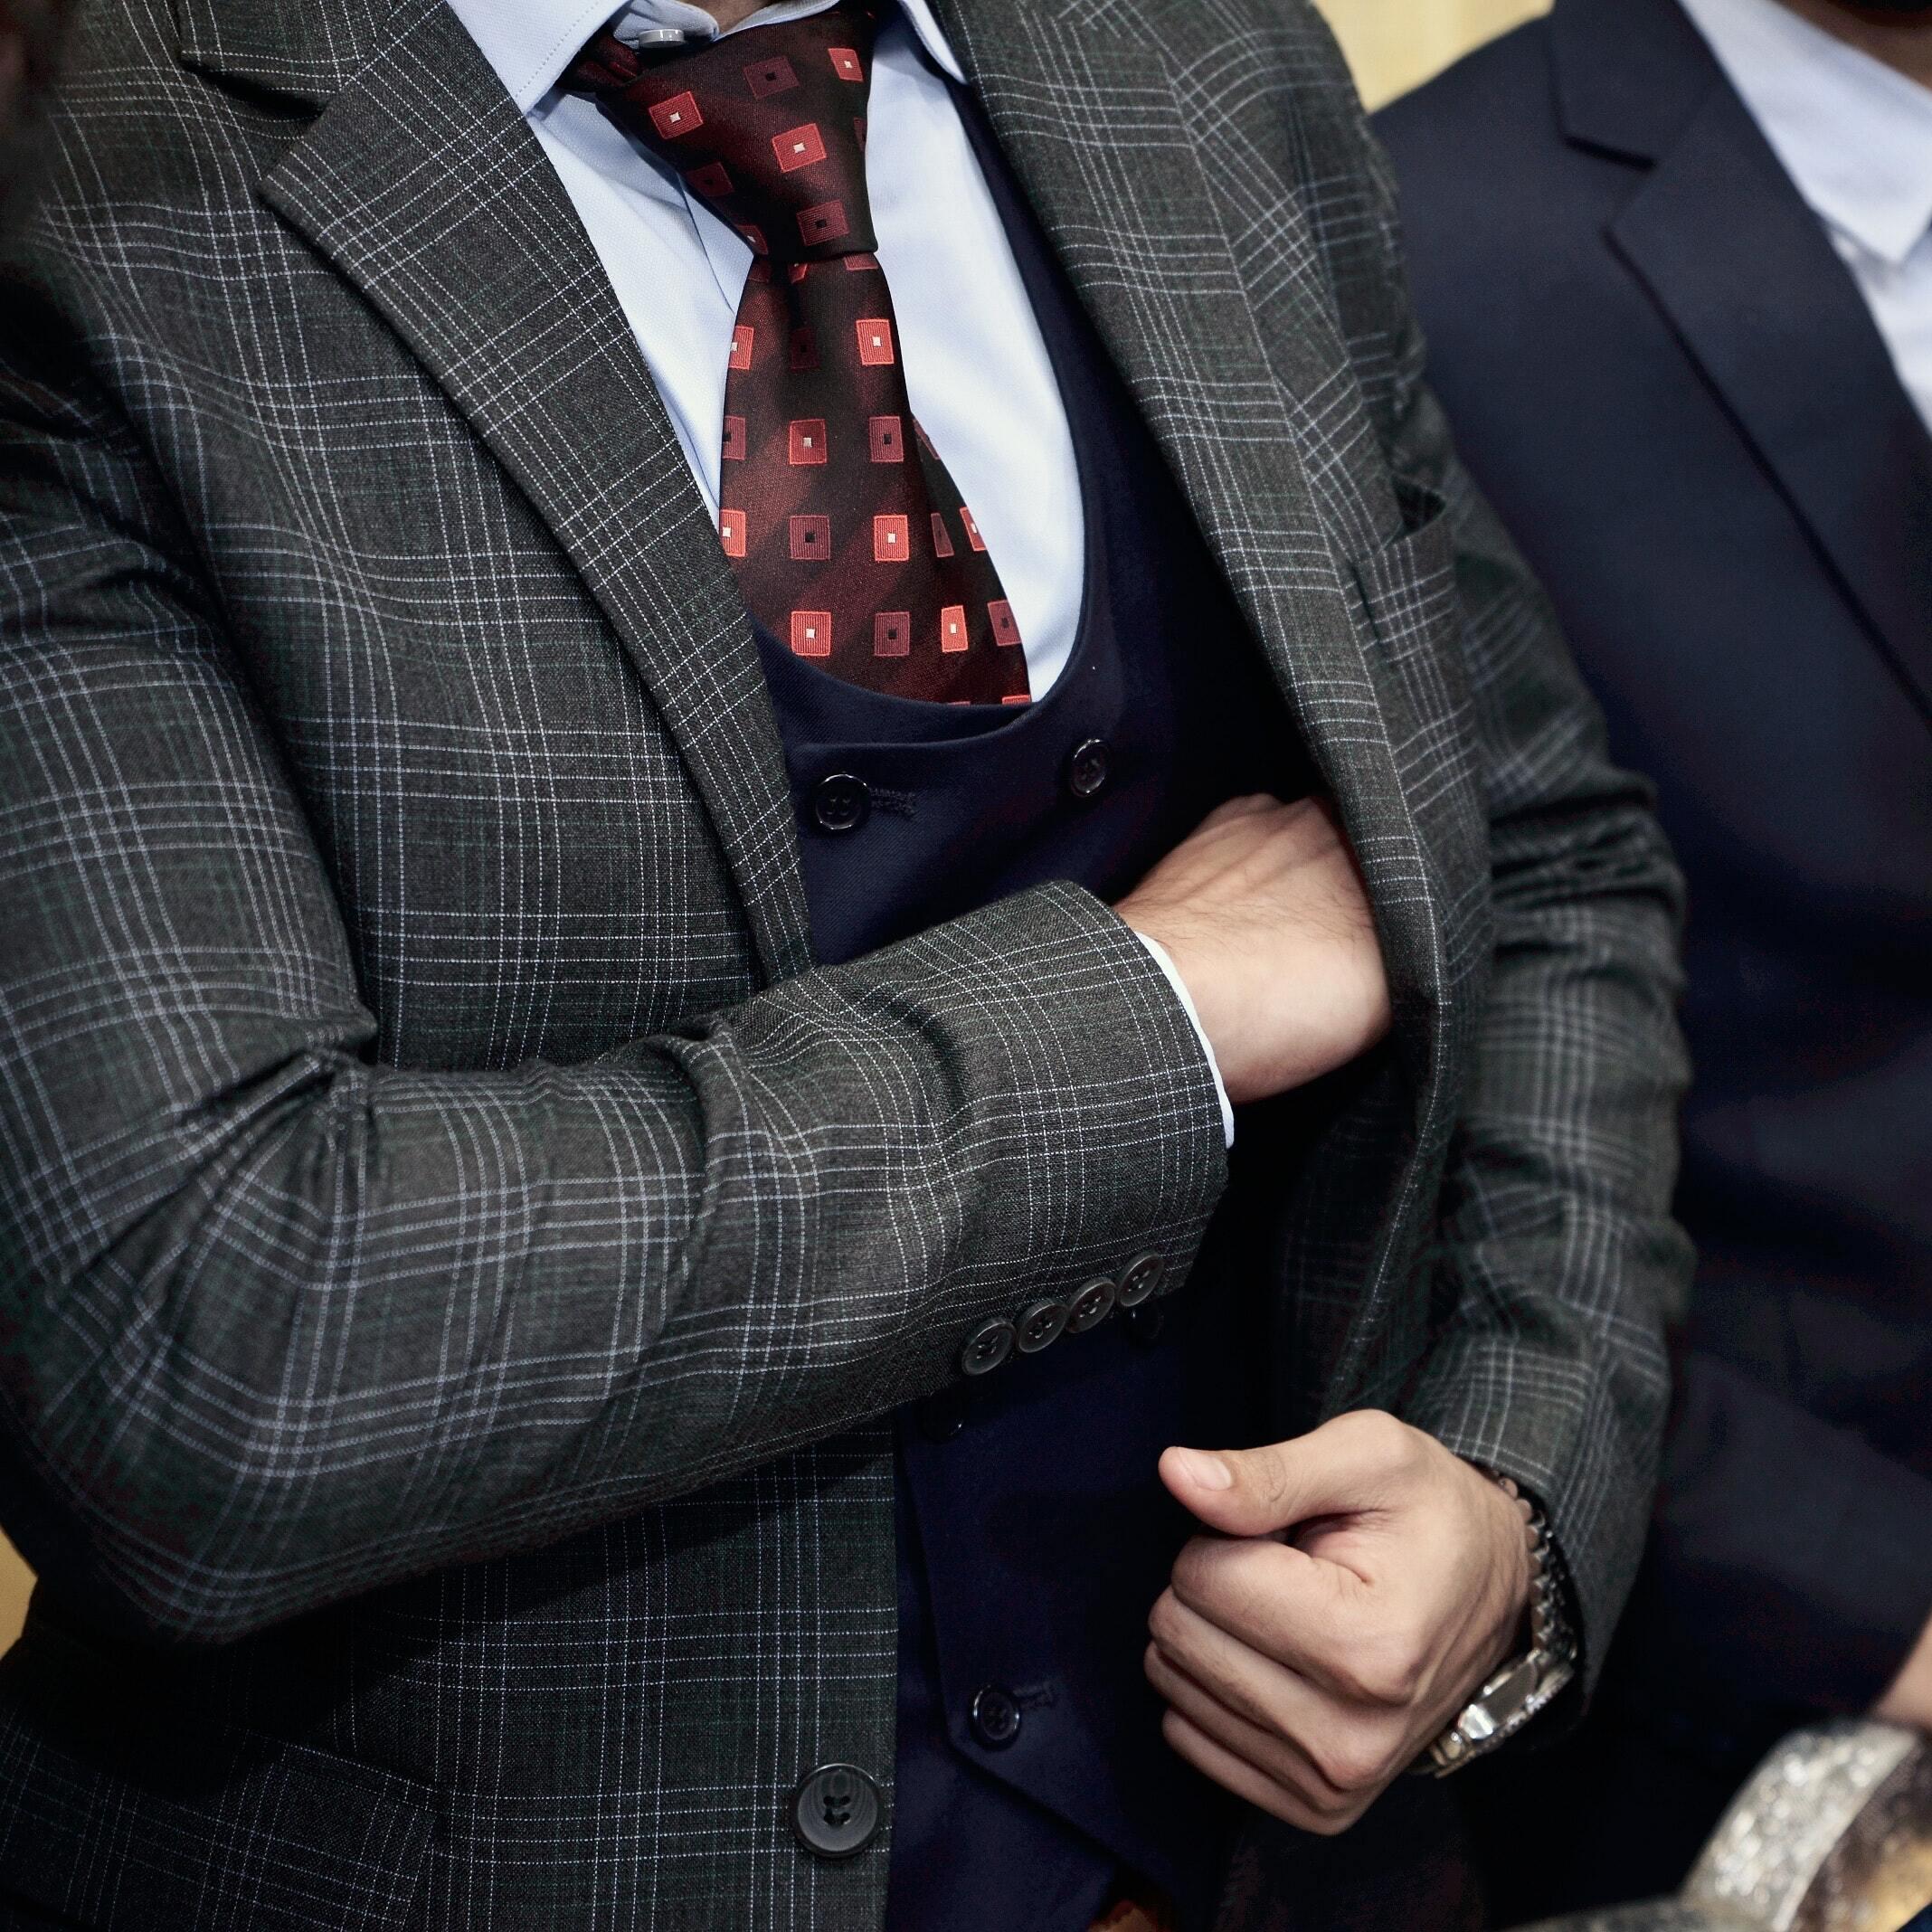 Auf diesem Bild ist ein Mann im Anzug zusehen und nach seiner Geldbörse in seinem Sakko greift.